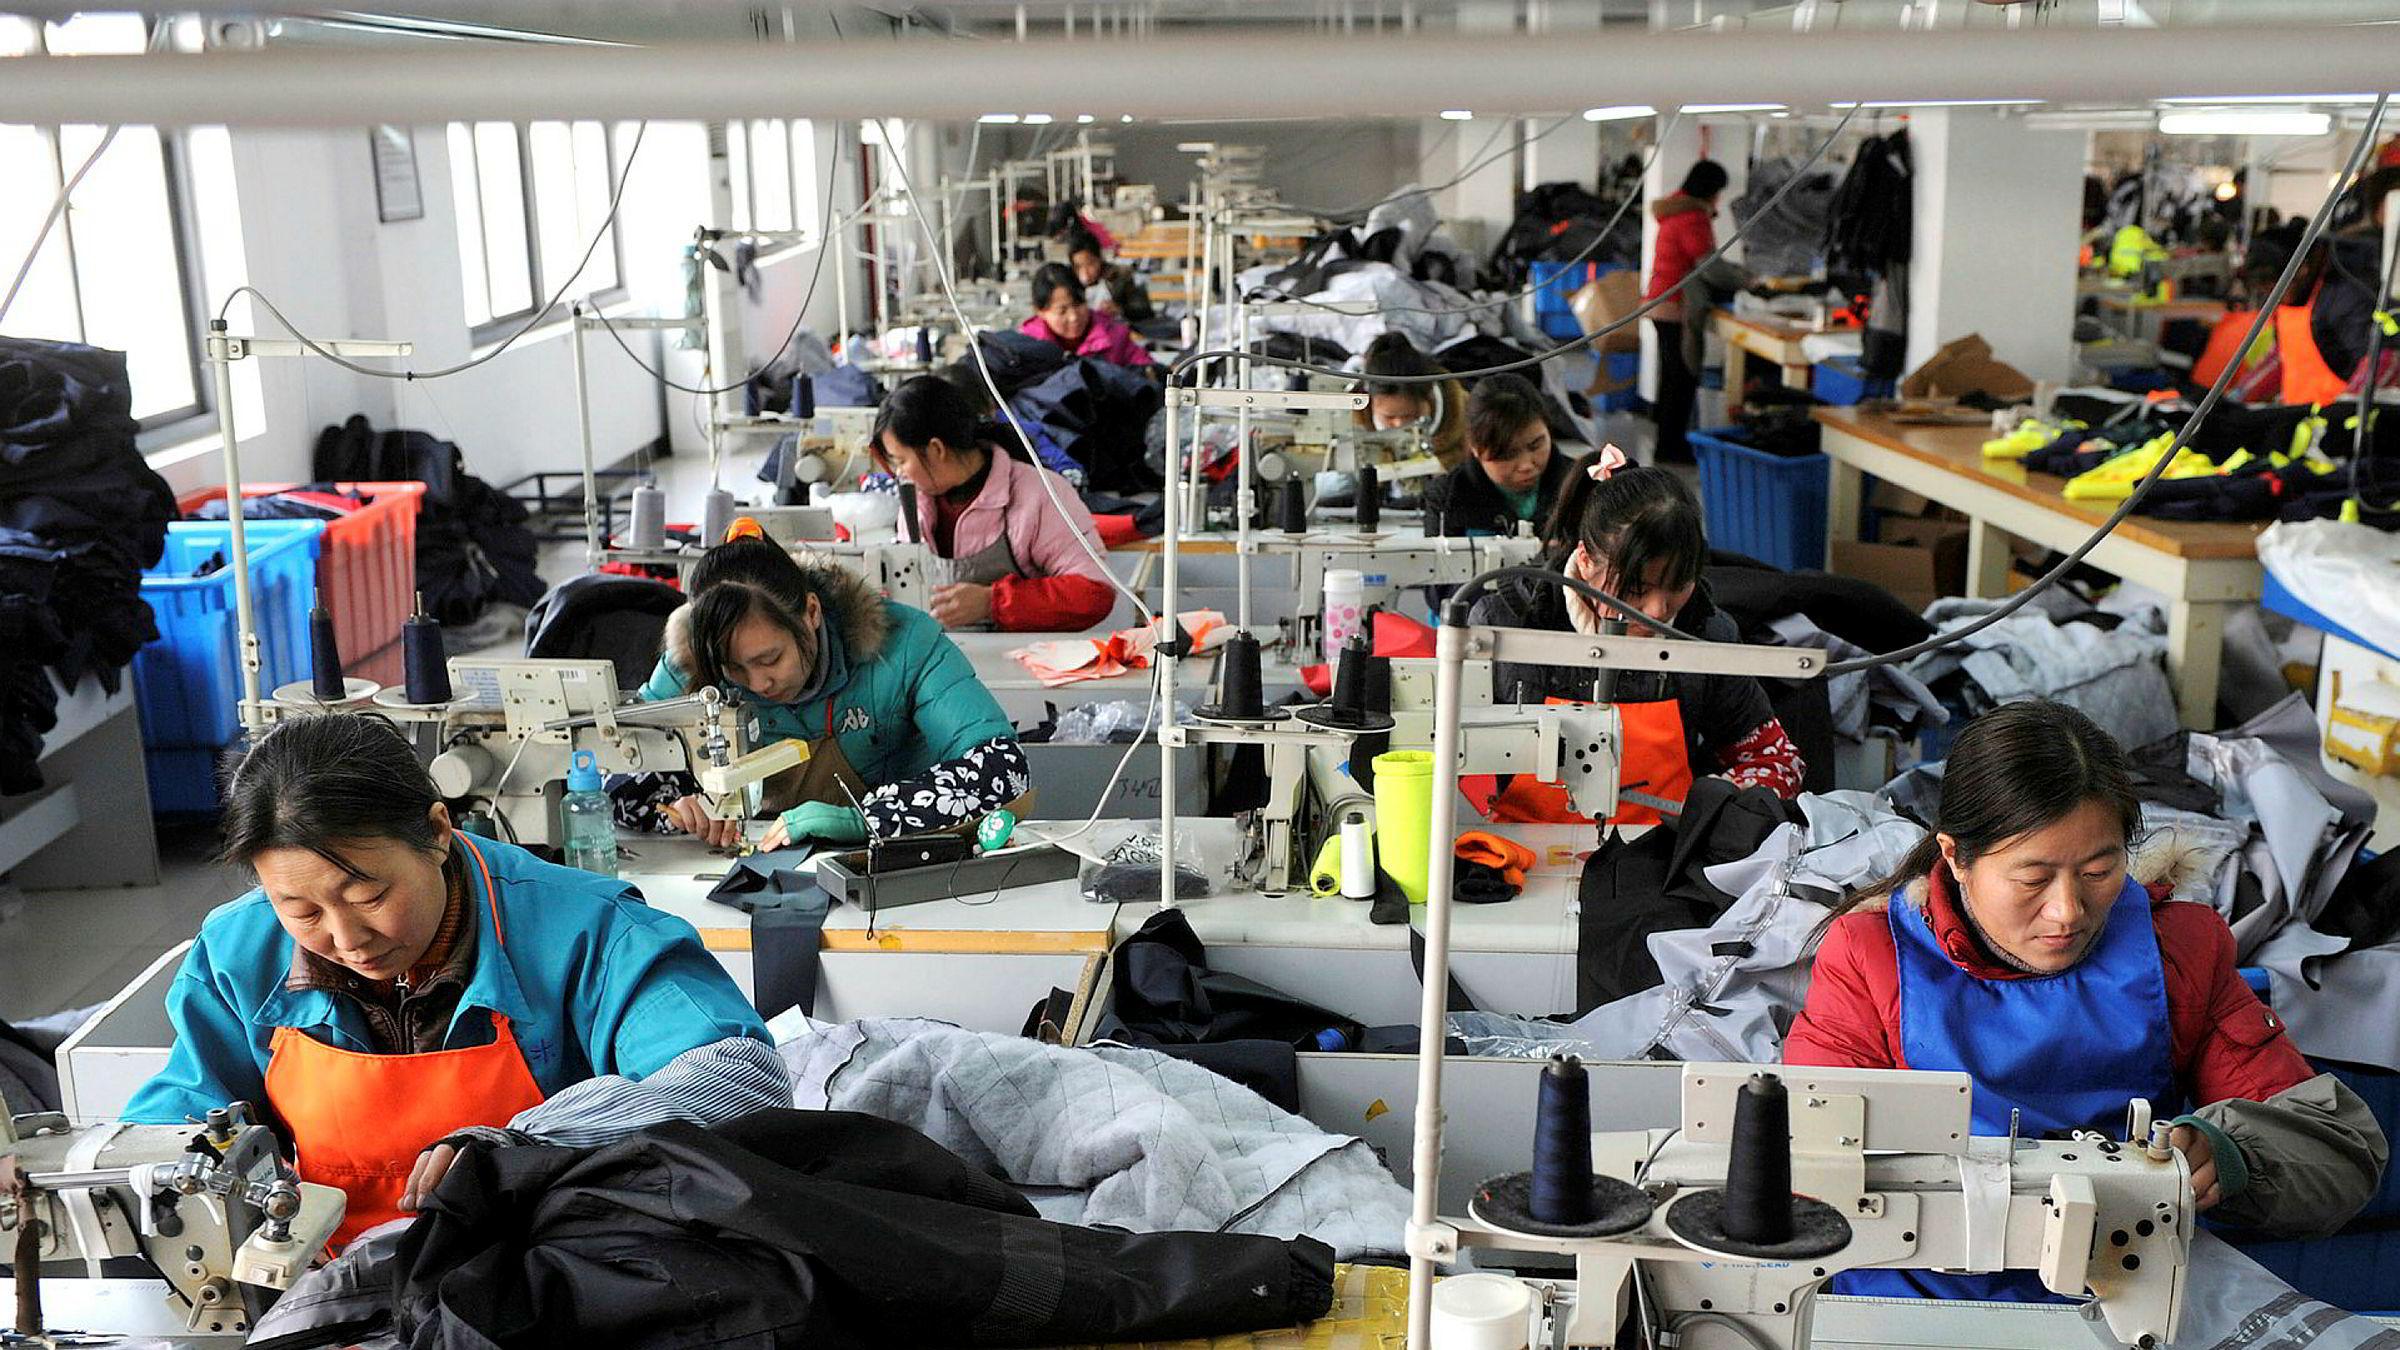 Ansatte ved en kinesisk tekstilfabrikk. – Kina blir mindre attraktivt nå nettopp på grunn av økte lønninger, skriver artikkelforfatteren.